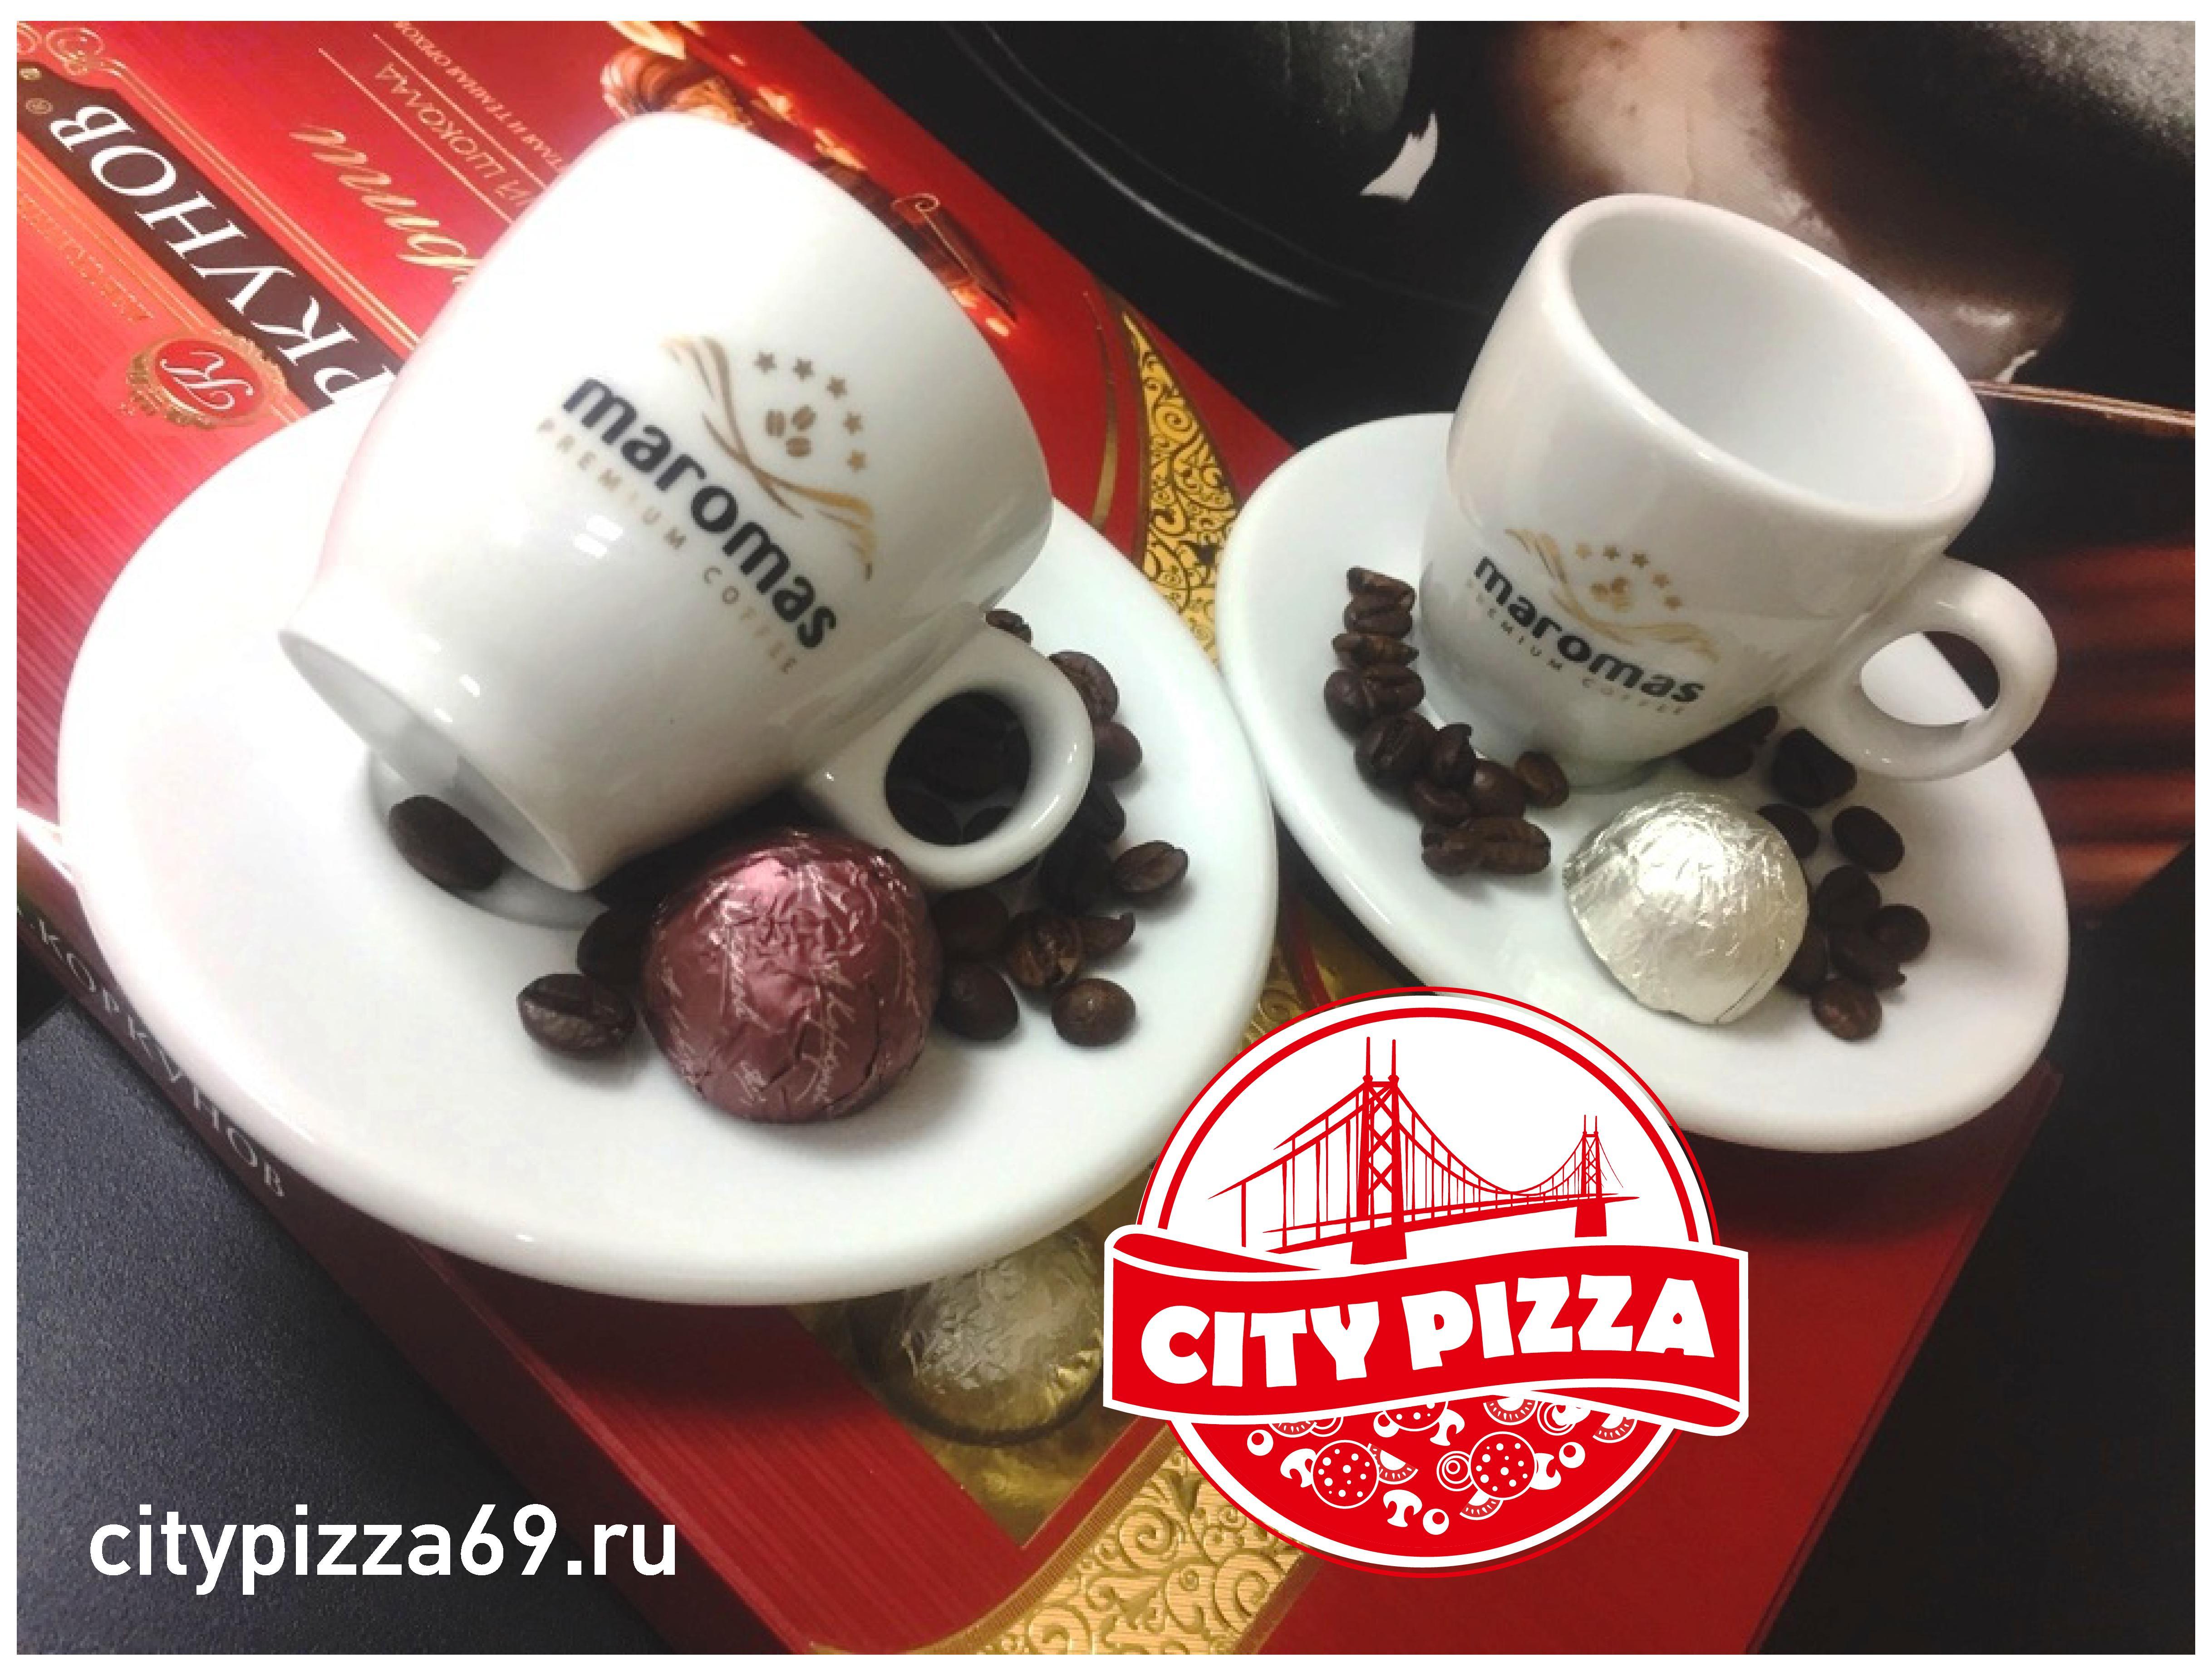 Выиграй эксклюзивную кофейную пару от City Pizza